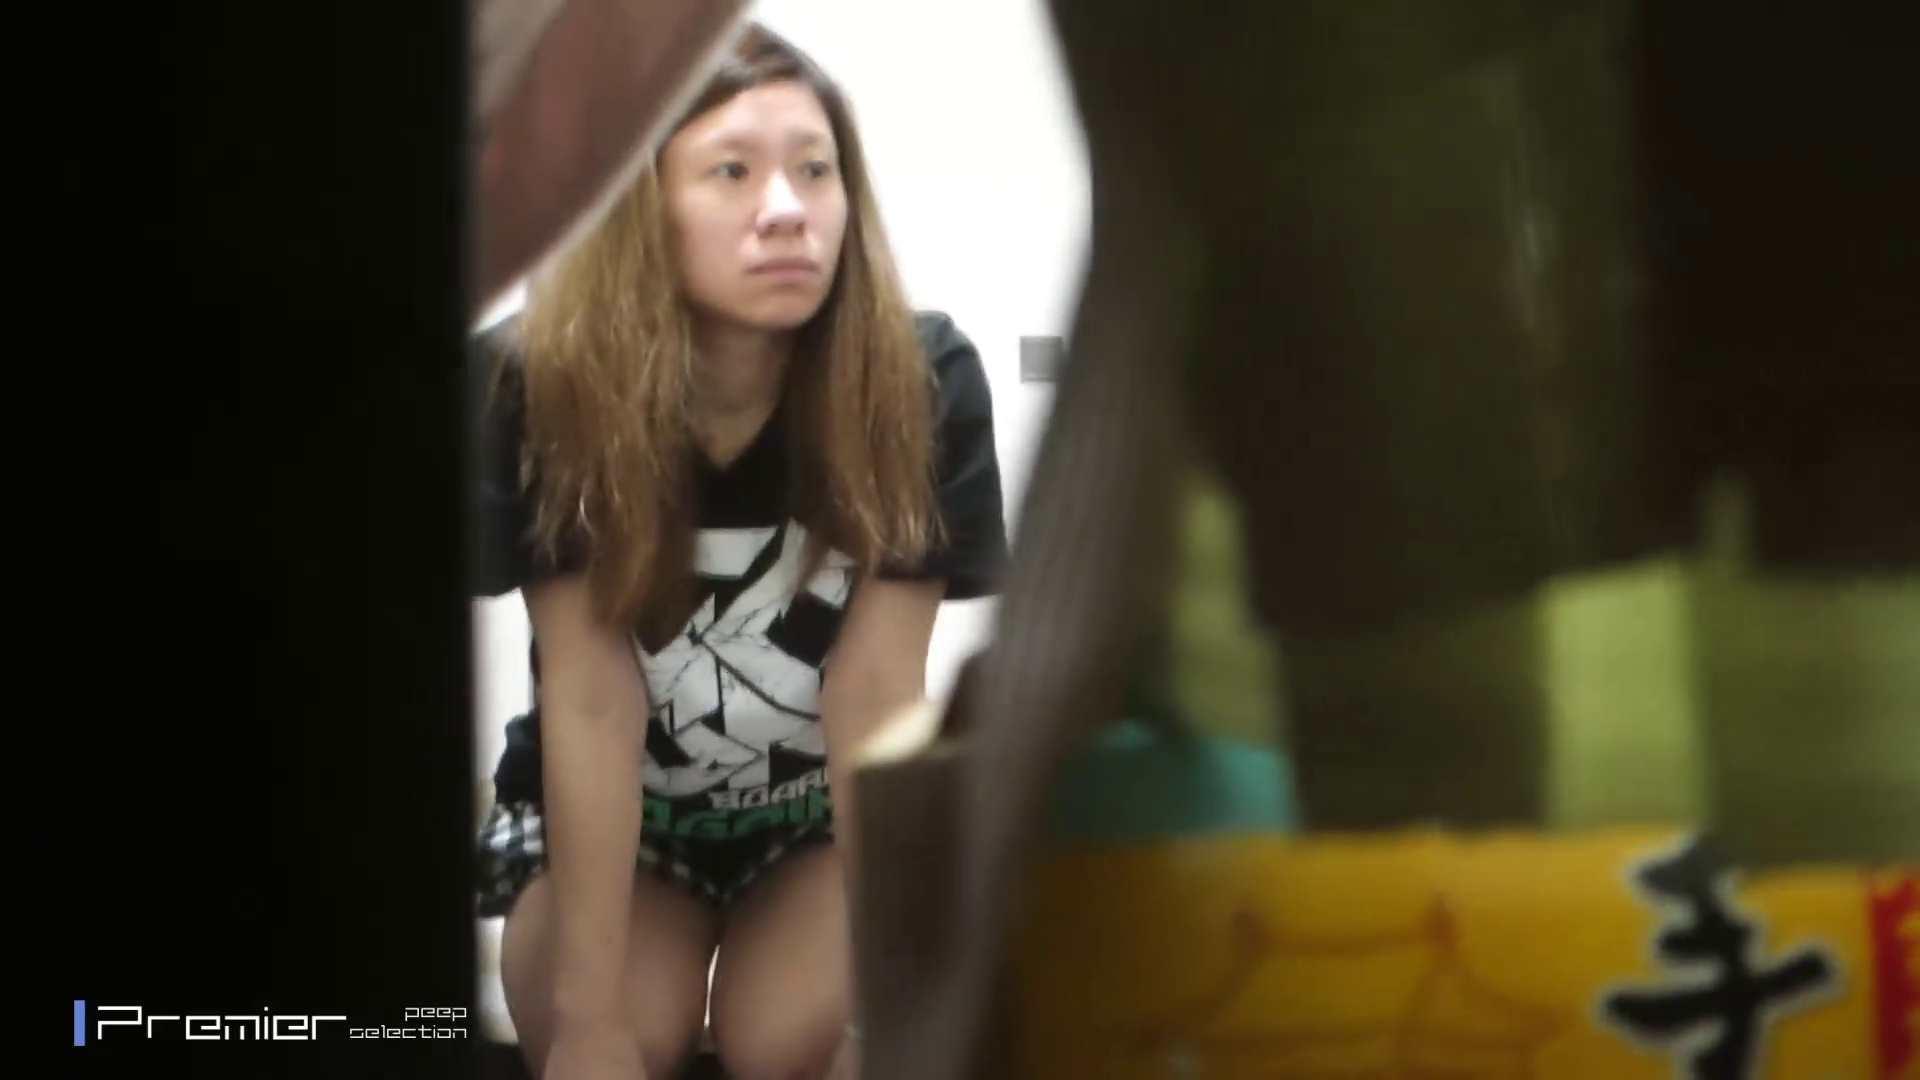 他人には見せられない美女達の恥ずかしい行為  美女達の私生活に潜入! 桃色乳首 AV無料動画キャプチャ 37画像 21